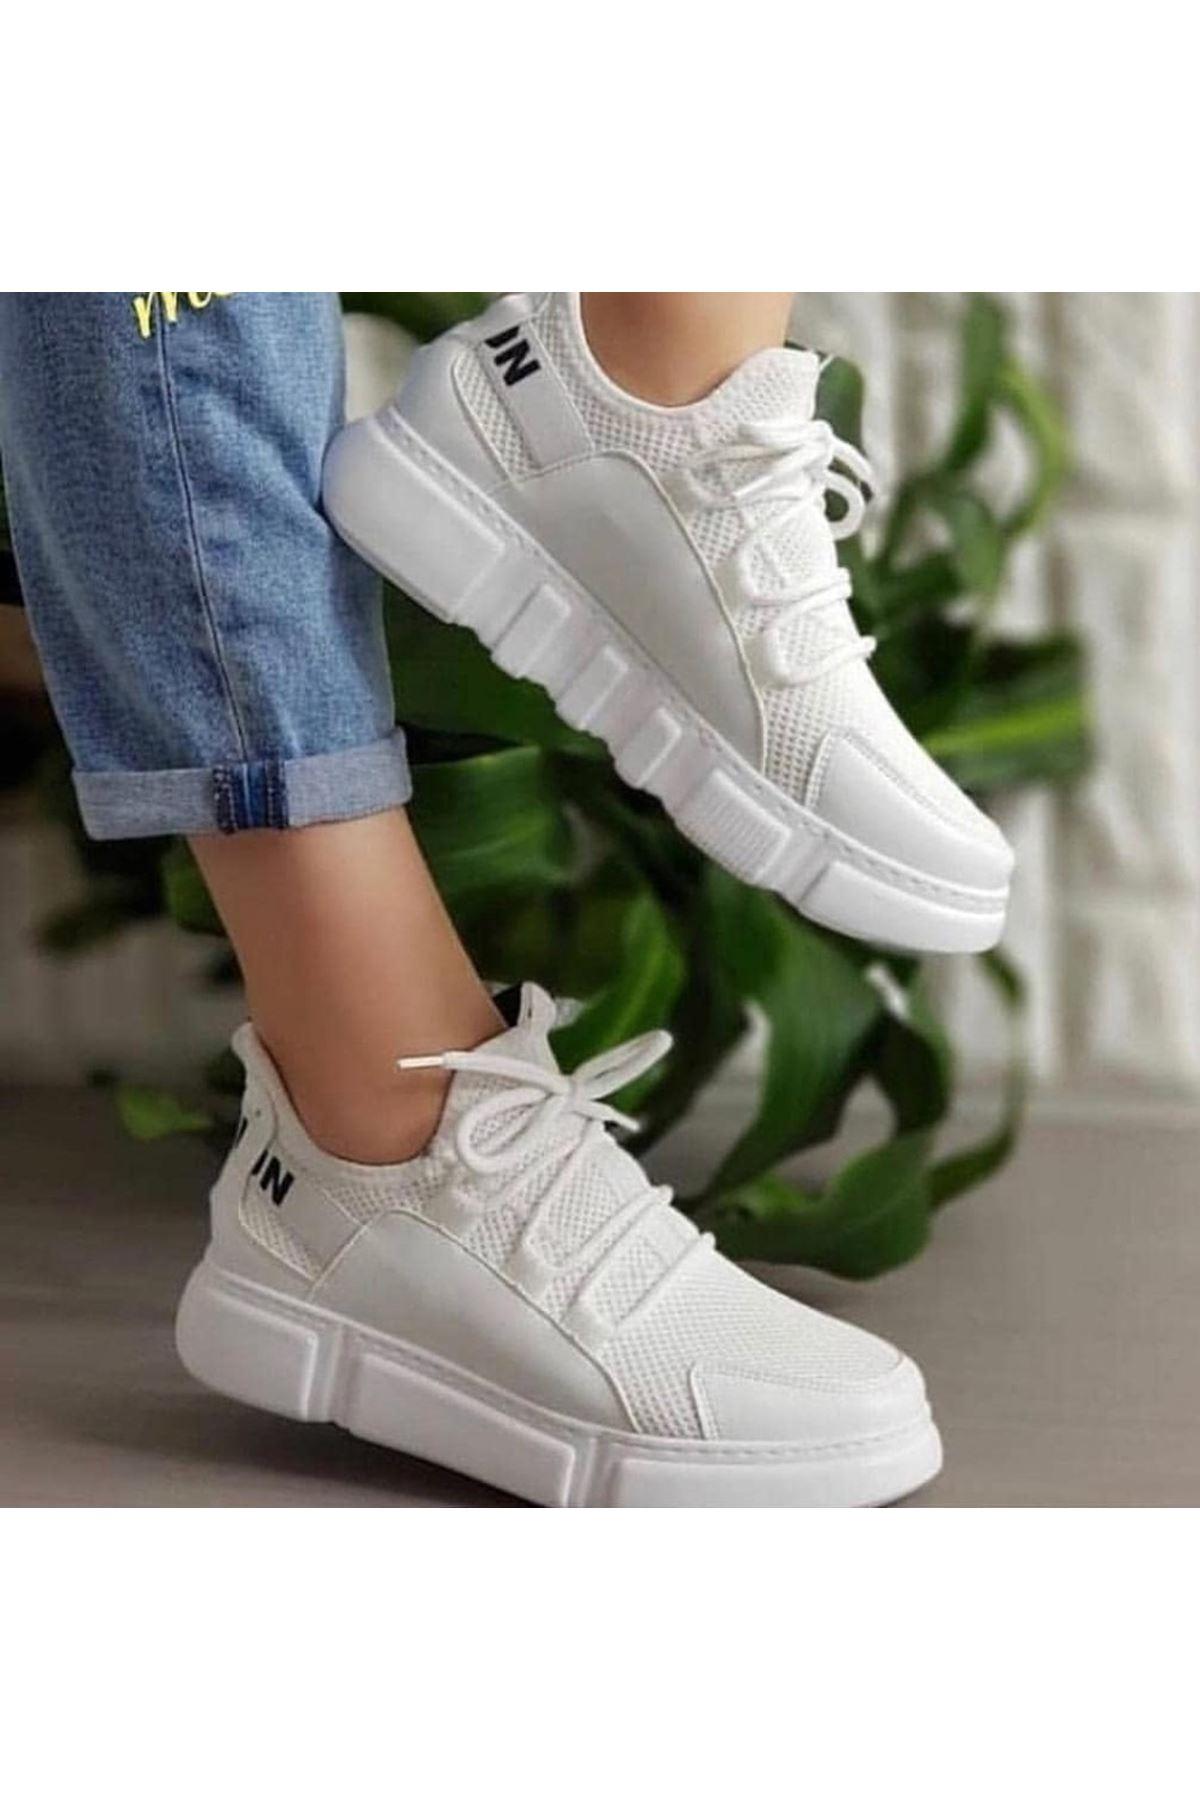 Fashion Yazı Detay Bayan Spor Ayakkabı Beyaz